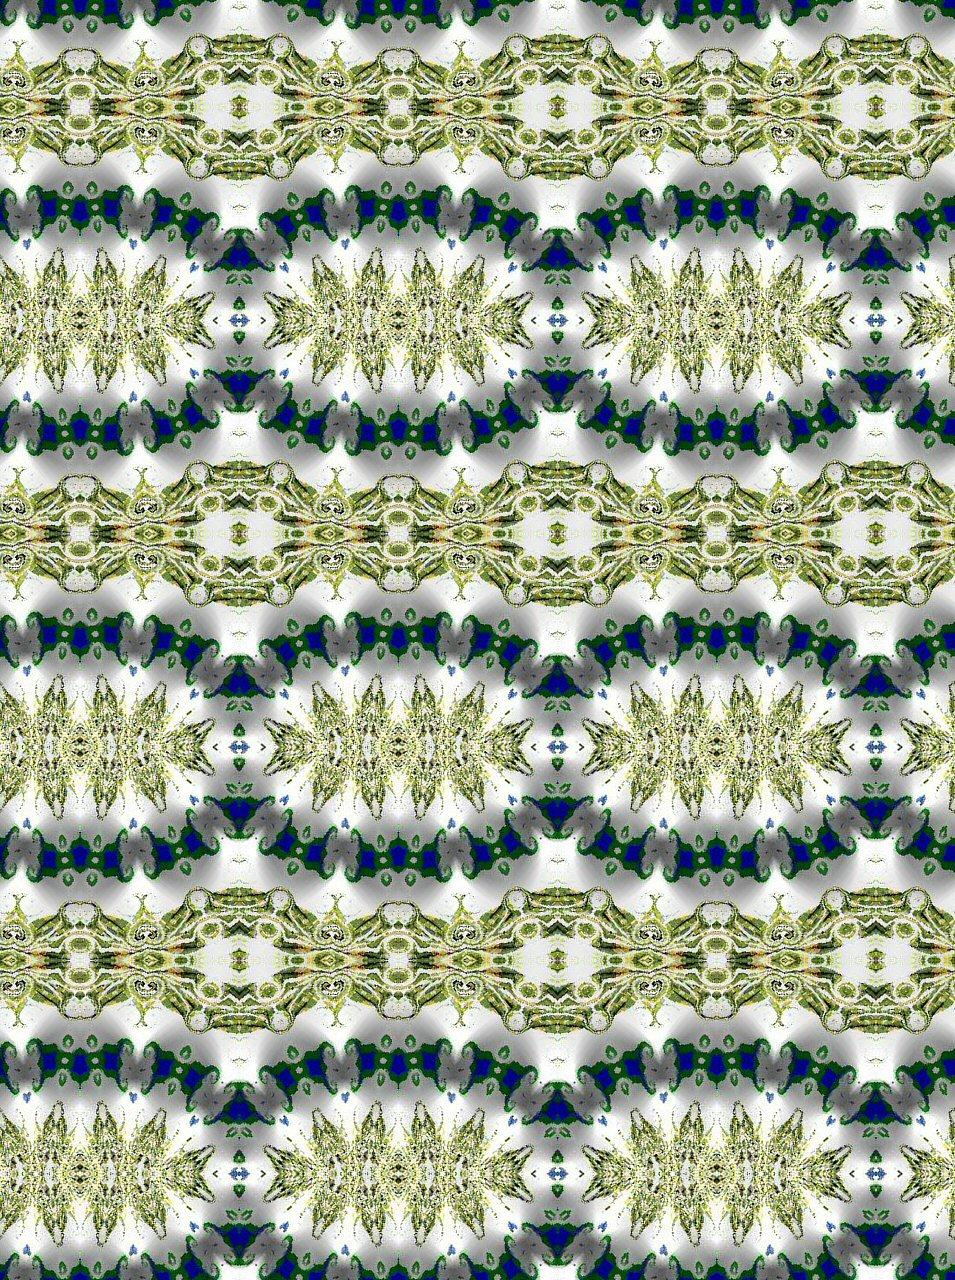 [Blauwe+Bloem+kaleidoscoop+8+rand+patroon.jpg]